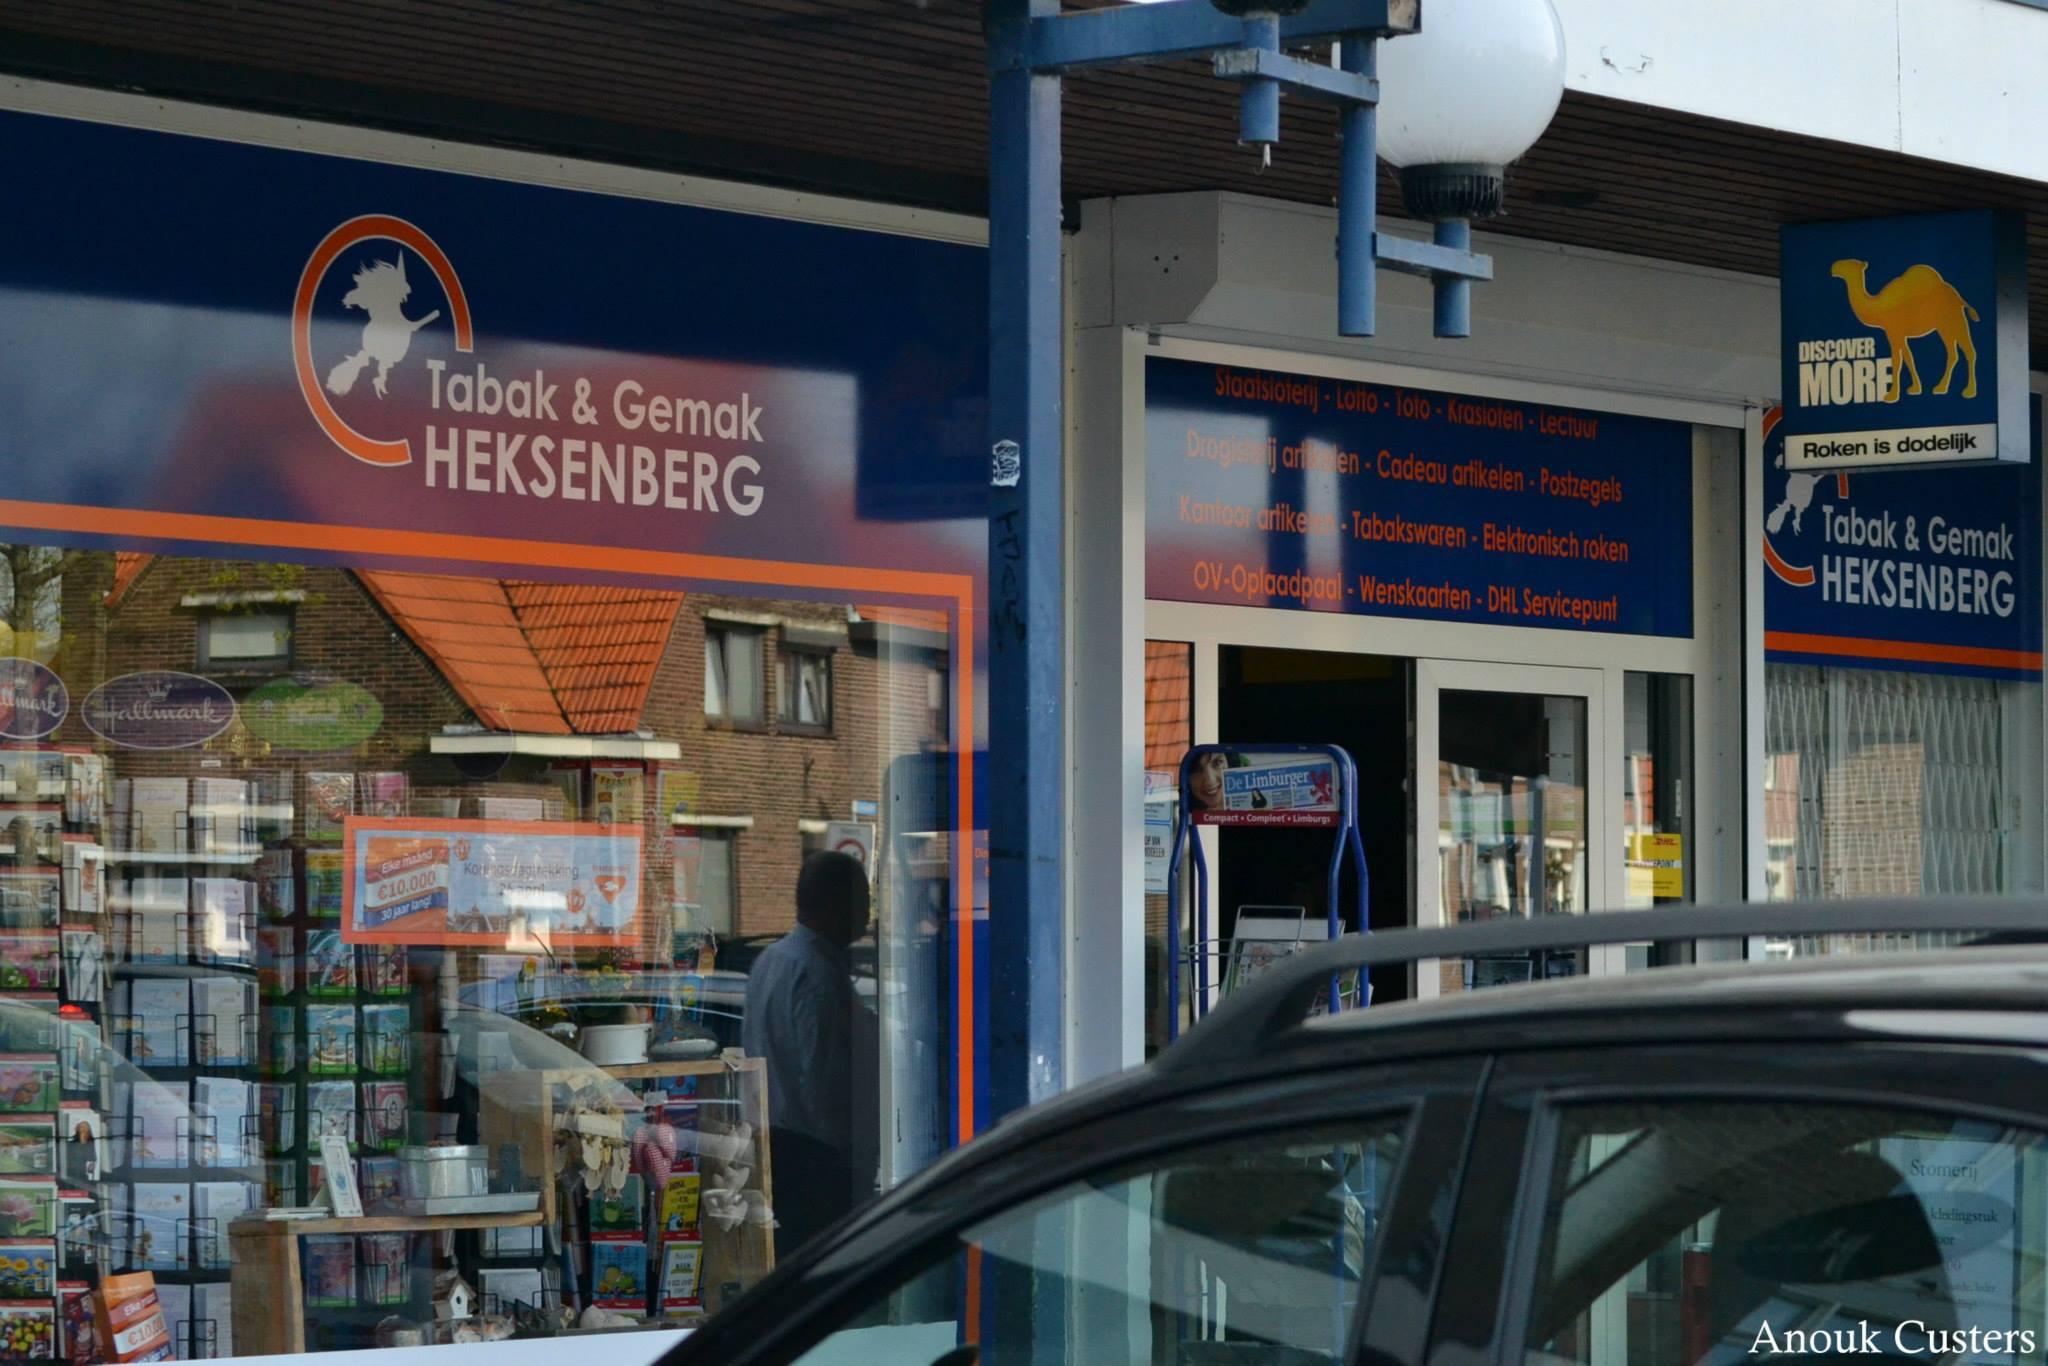 TabakengemakHeksenberg